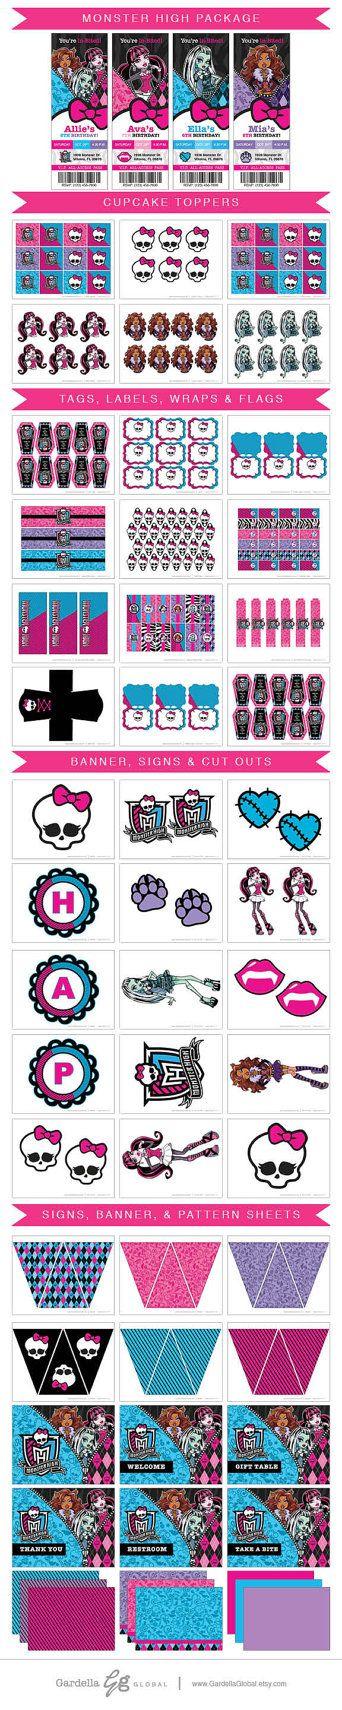 Monster High Invitation Monster High invite by GardellaGlobal